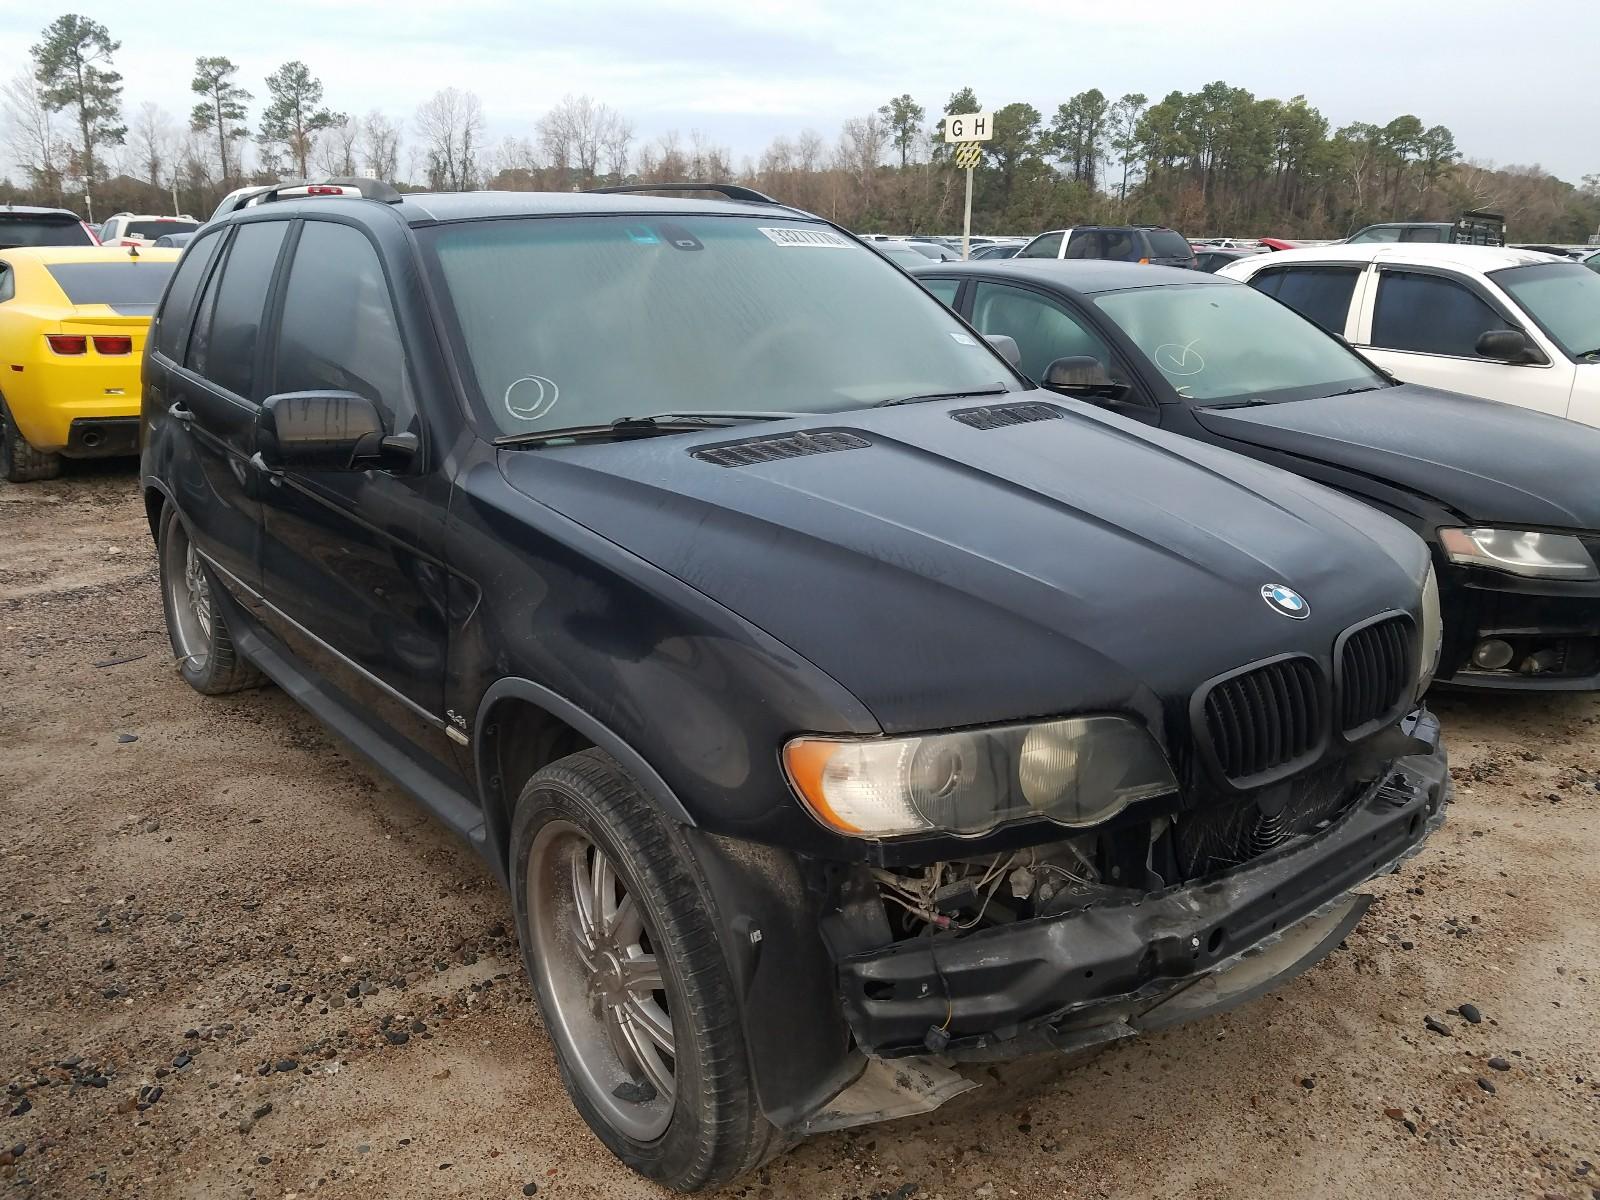 2003 BMW X5 4.4I